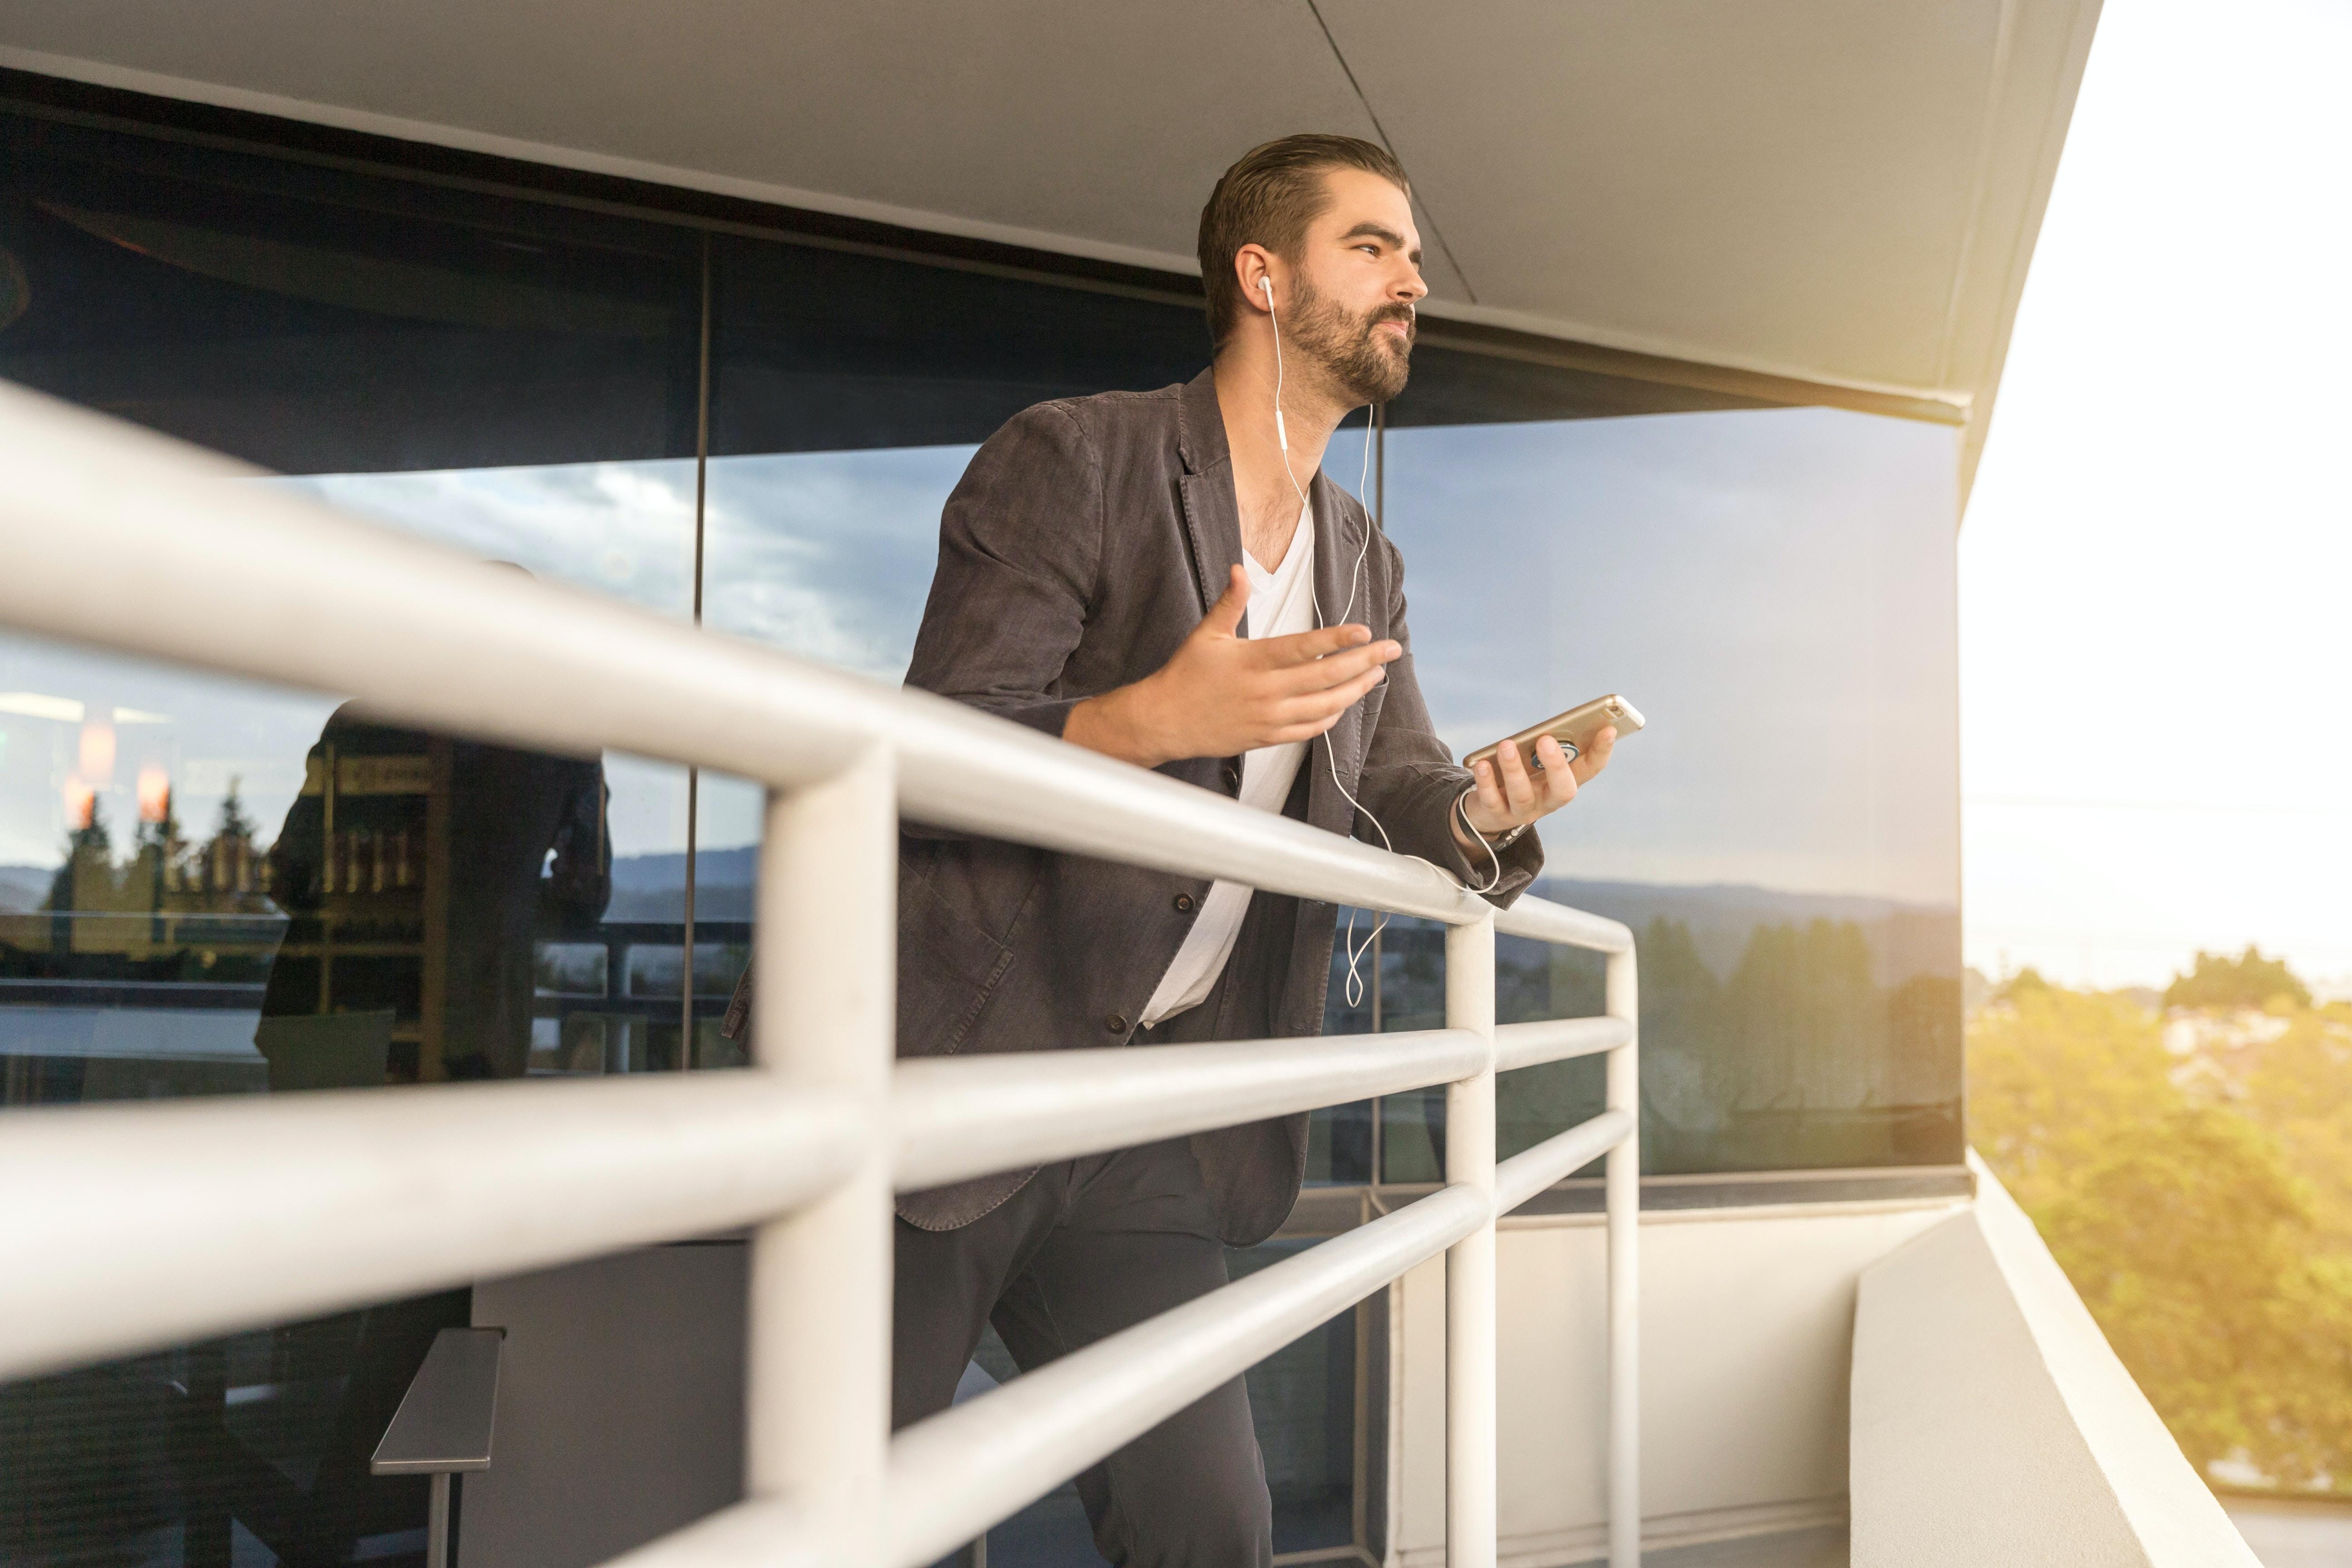 man leaning on white metal rail